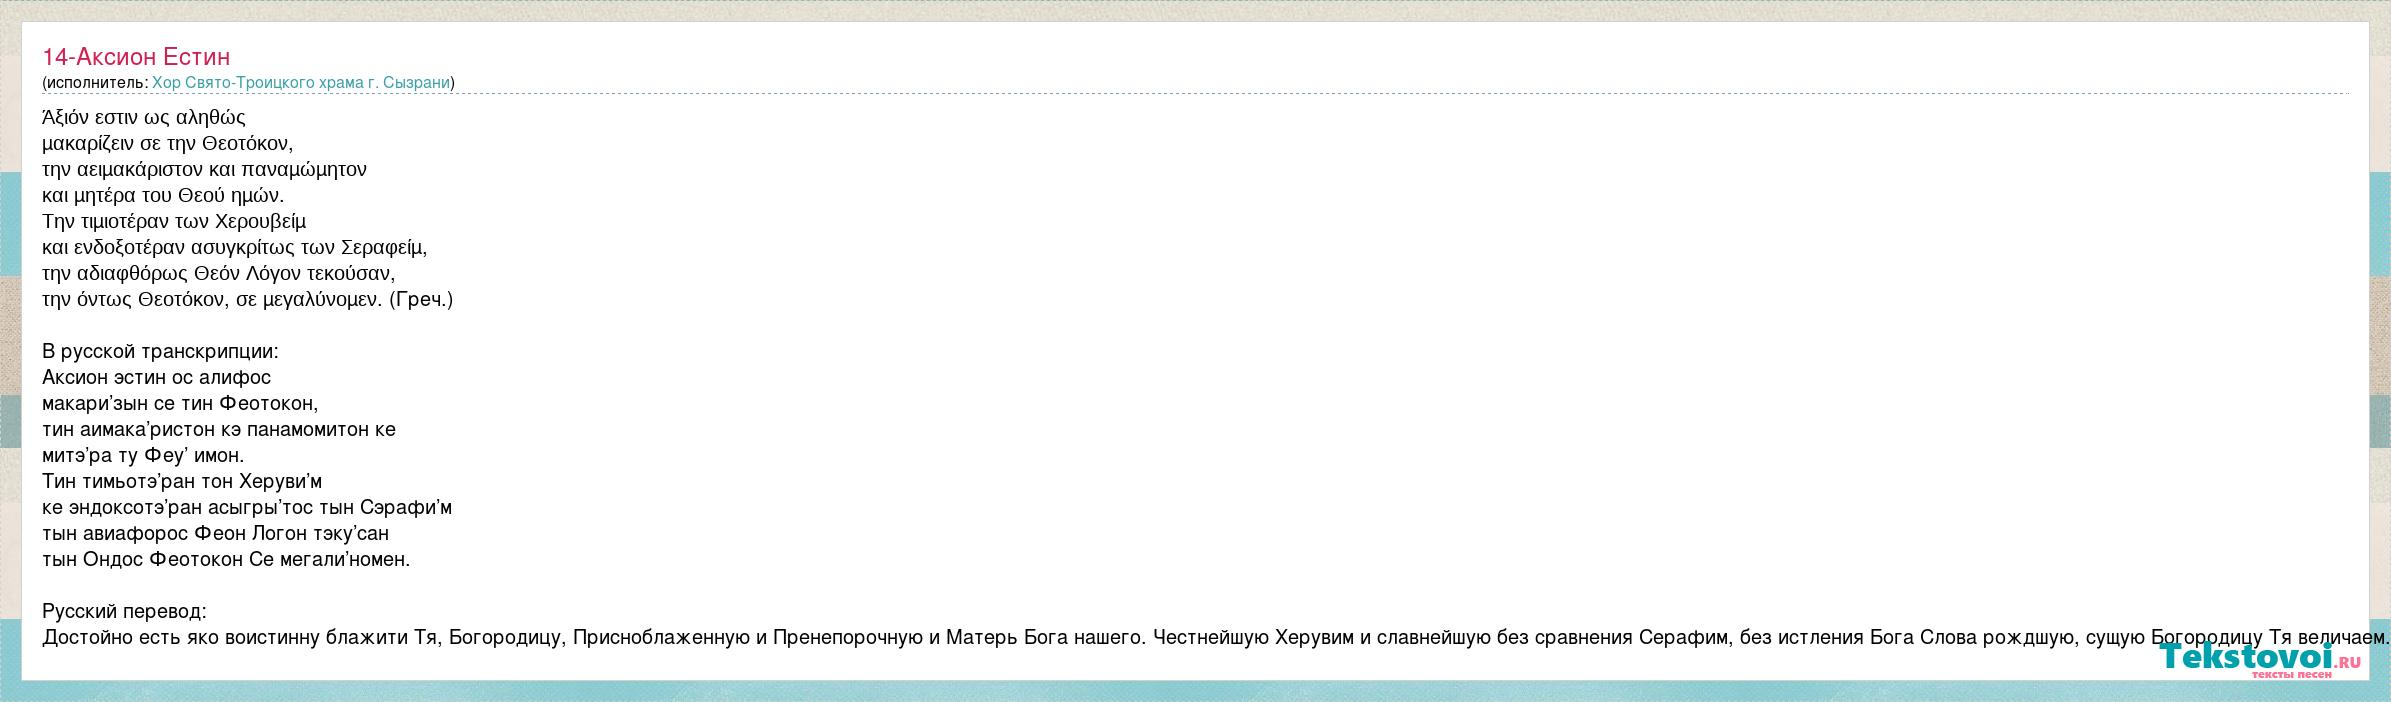 текст песни зын зын на русском перевод